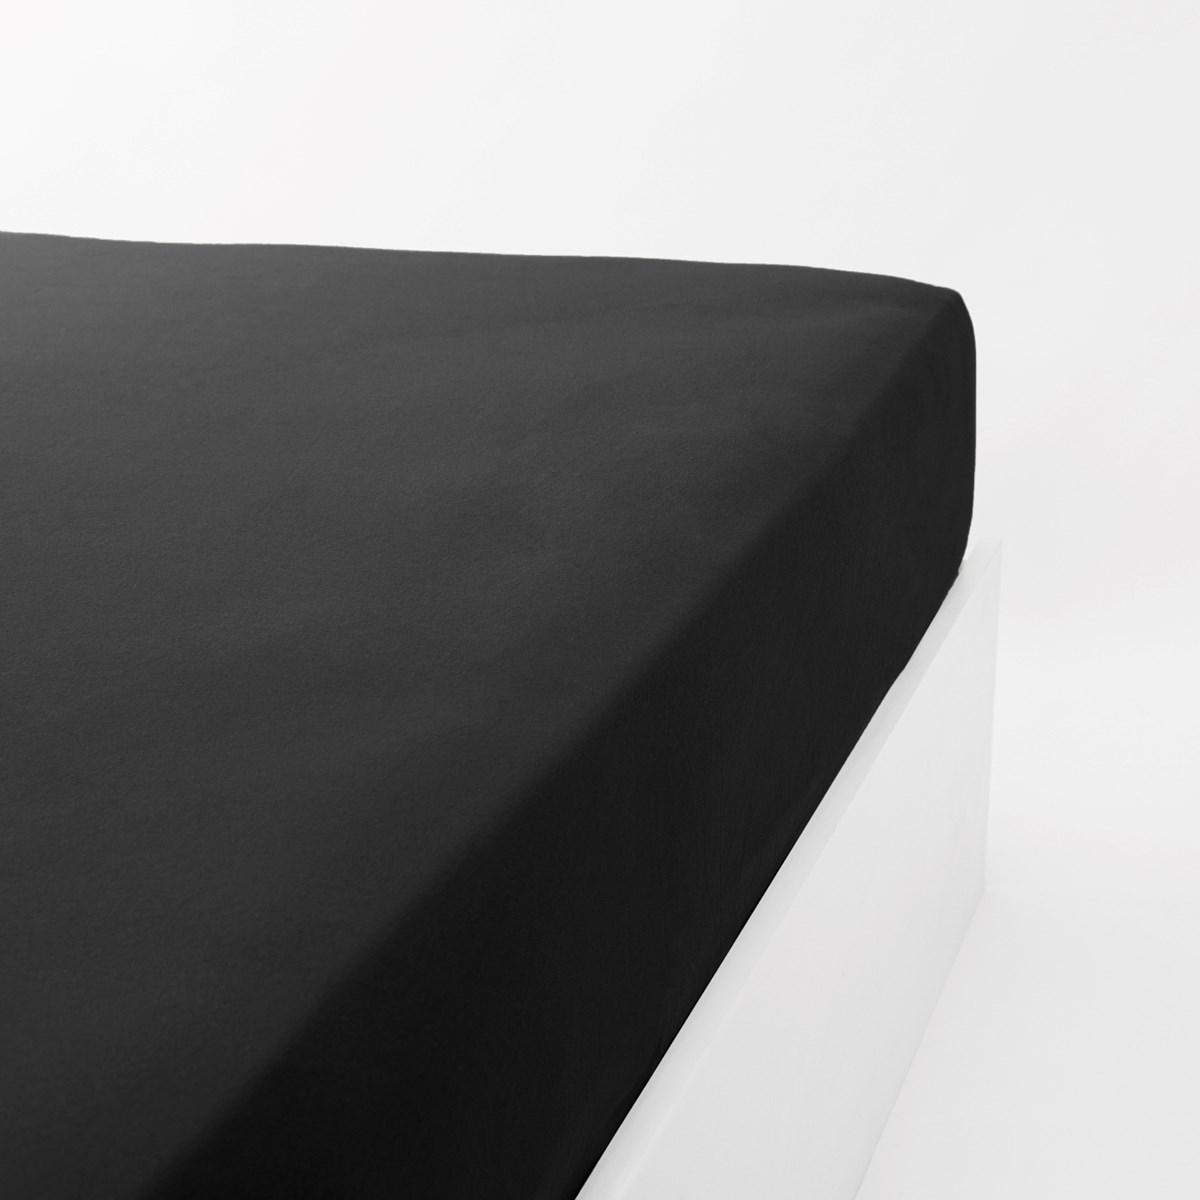 Drap housse jersey extensible en coton noir 80x200 cm